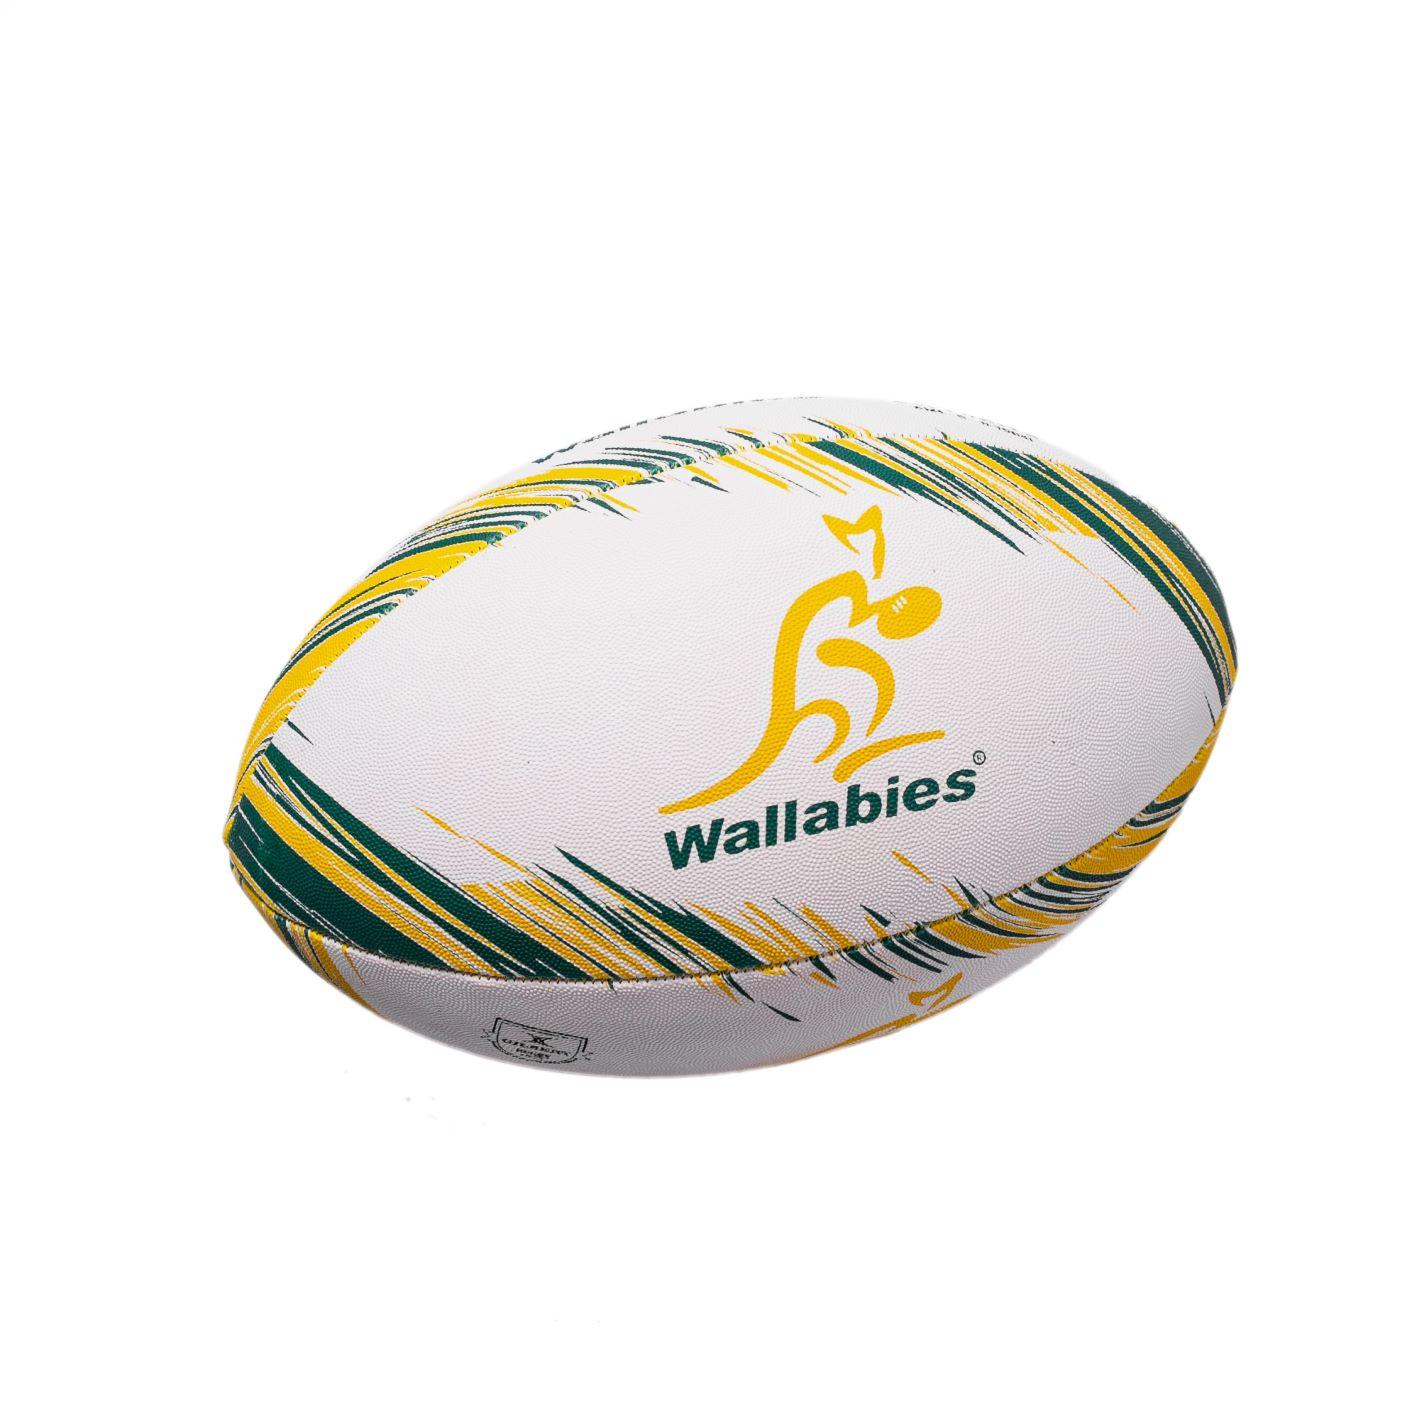 Bola de Rugby Gilbert Supporter Aus Wallabies - Tamanho 5